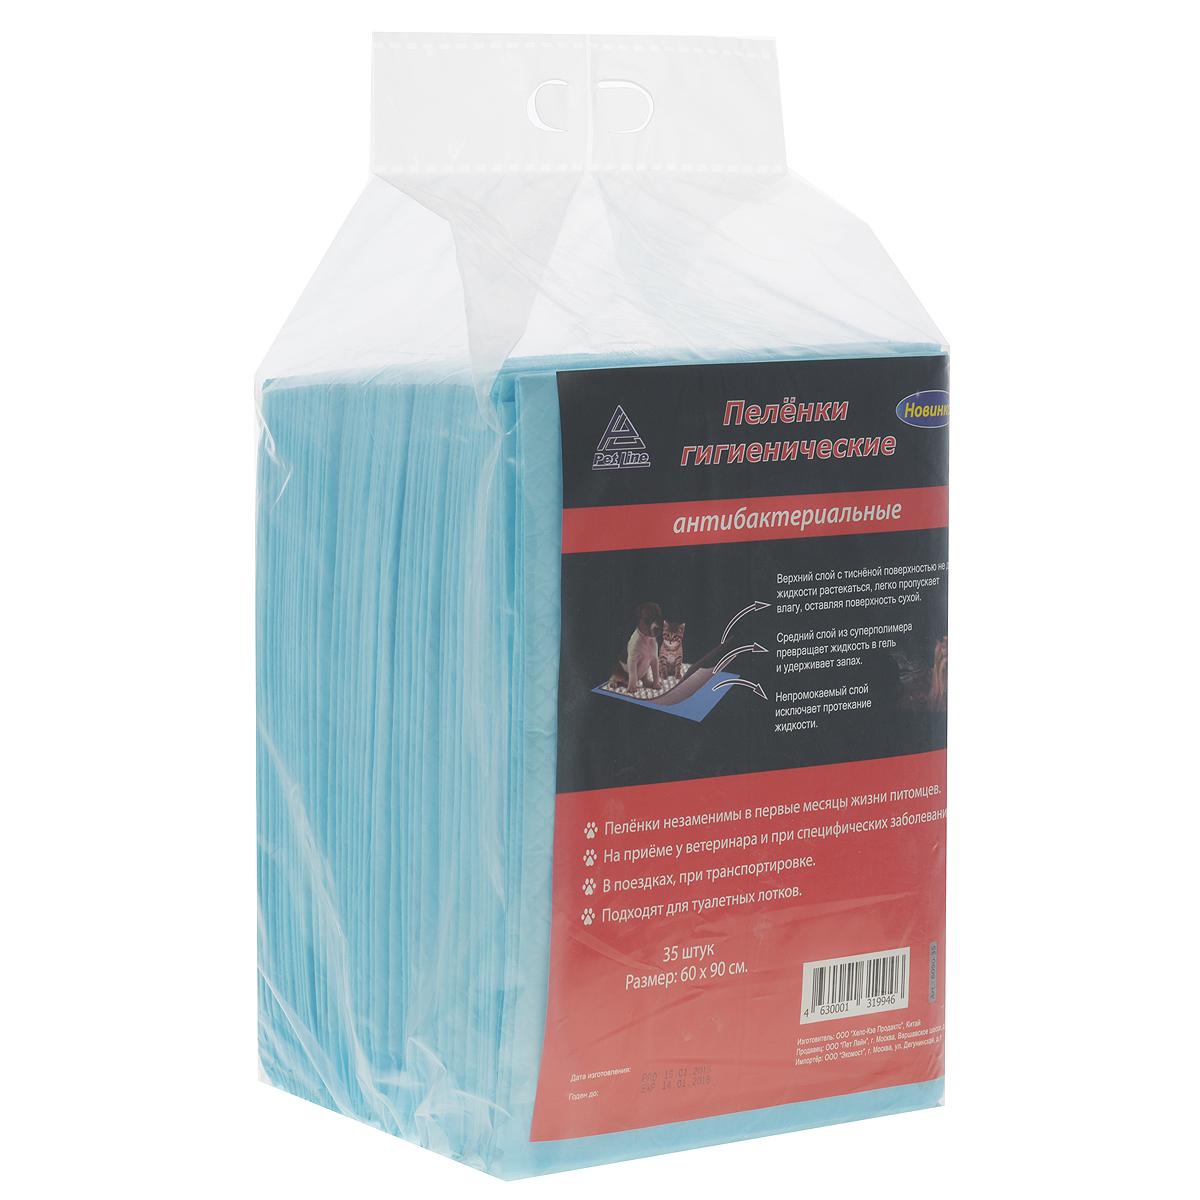 Пеленка для домашних животных  Pet Line , антибактериальная, 60 см х 90 см, 35 шт - Средства для ухода и гигиены